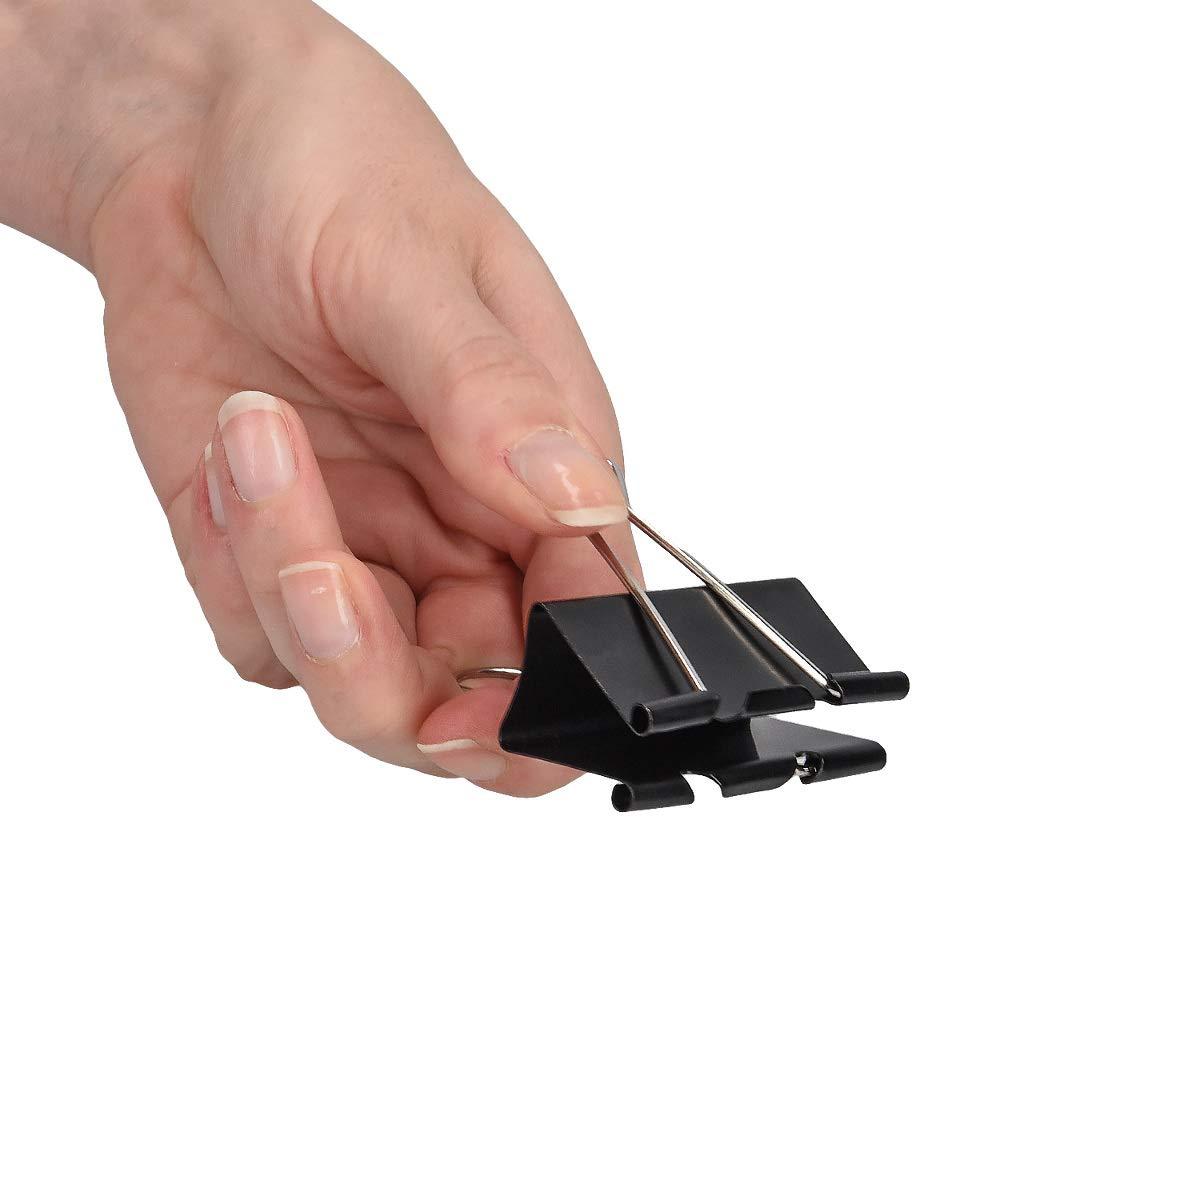 Nere 50x Mollette 32mm Clips Fermaglio Fermafogli Graffetta Ferma Documenti Ufficio kwmobile Set Clip Fermacarte Metallo Pinzette Cancelleria